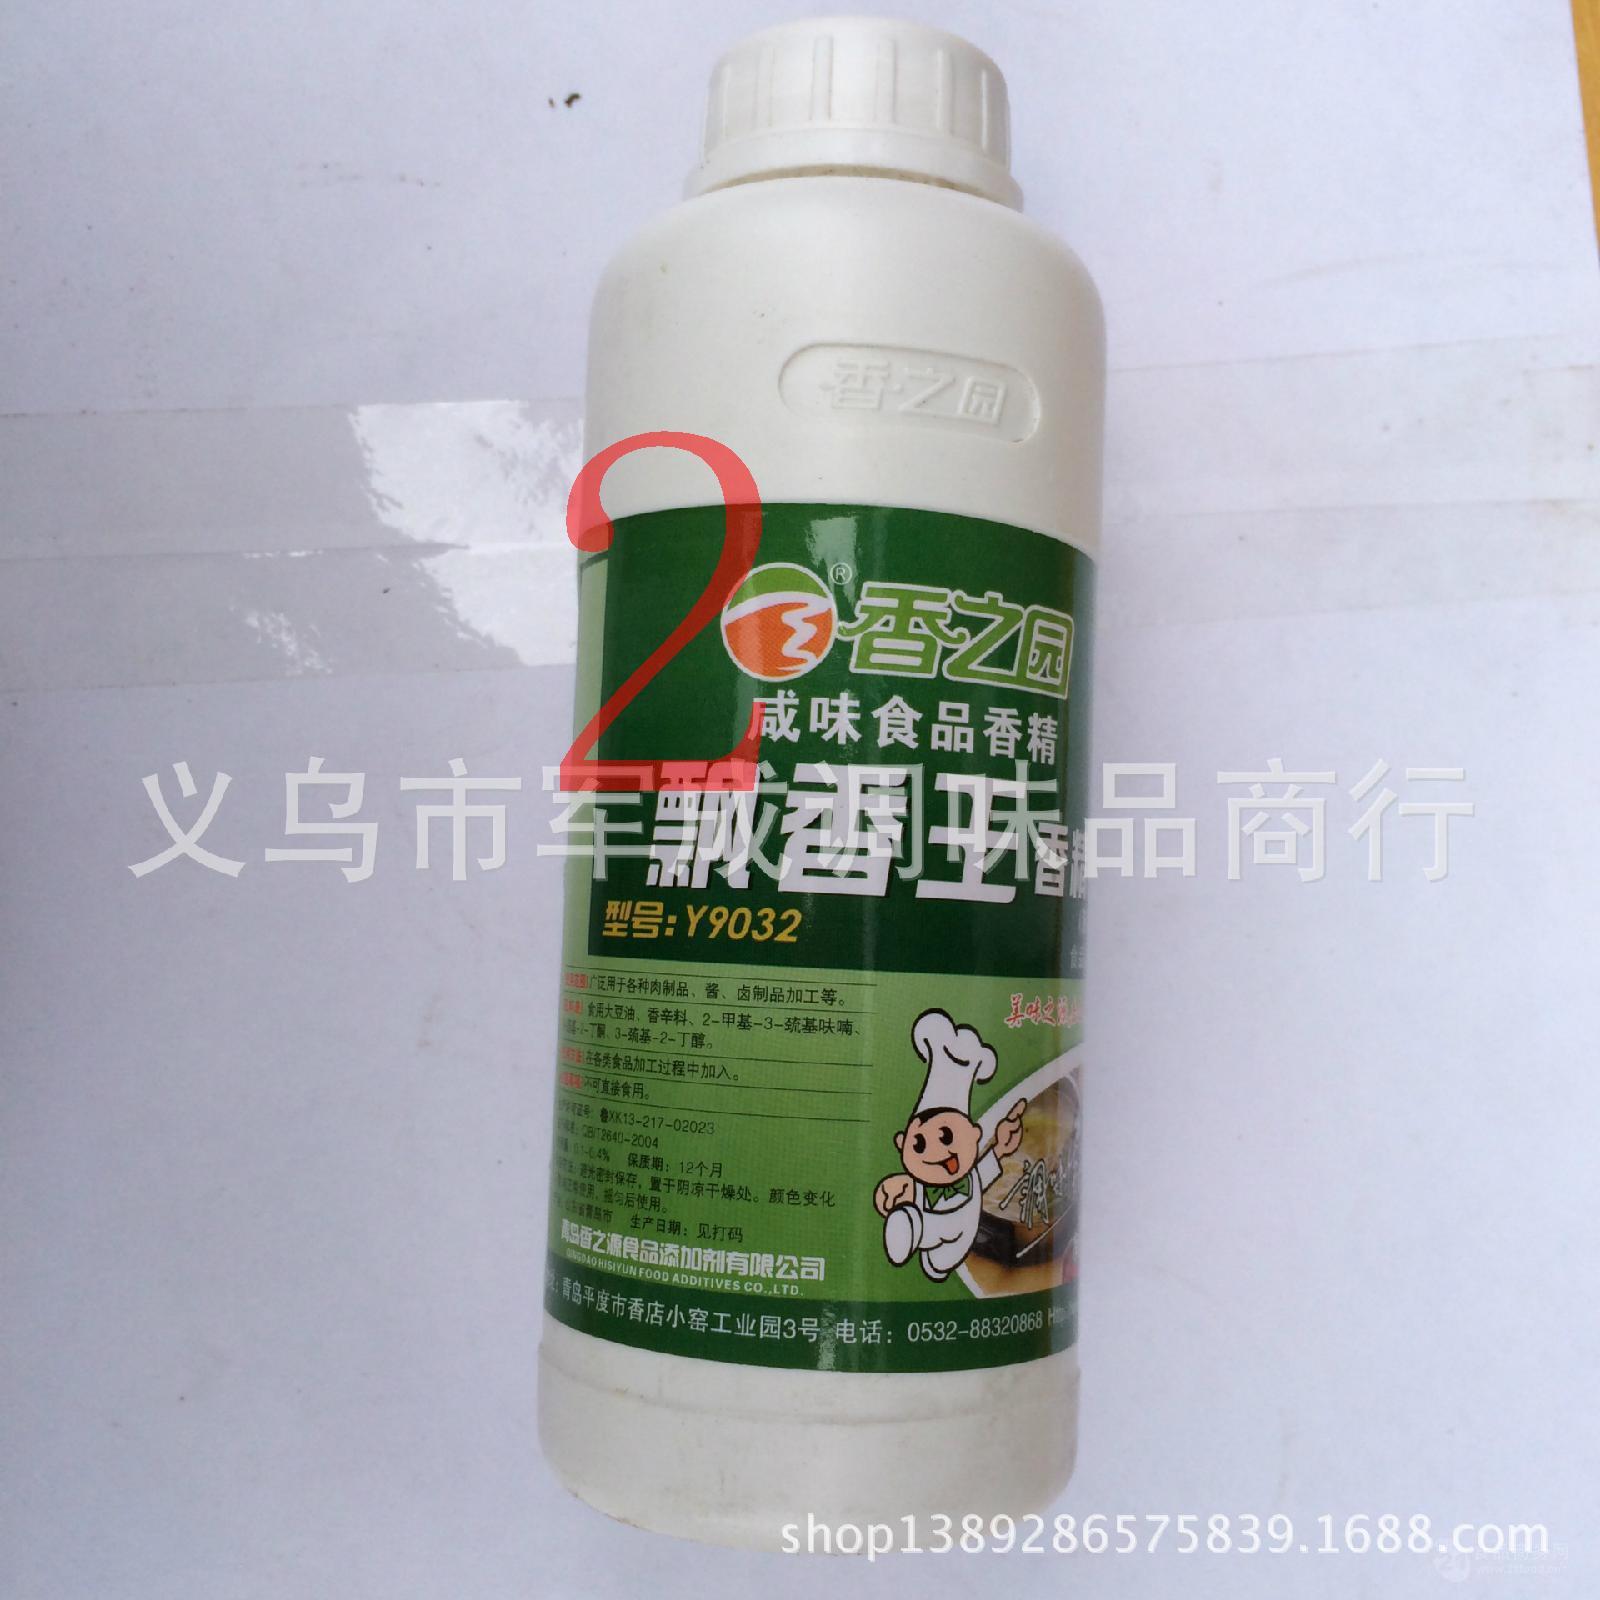 香之园 调味香精 增味剂 飘香王香精 厂家低价*